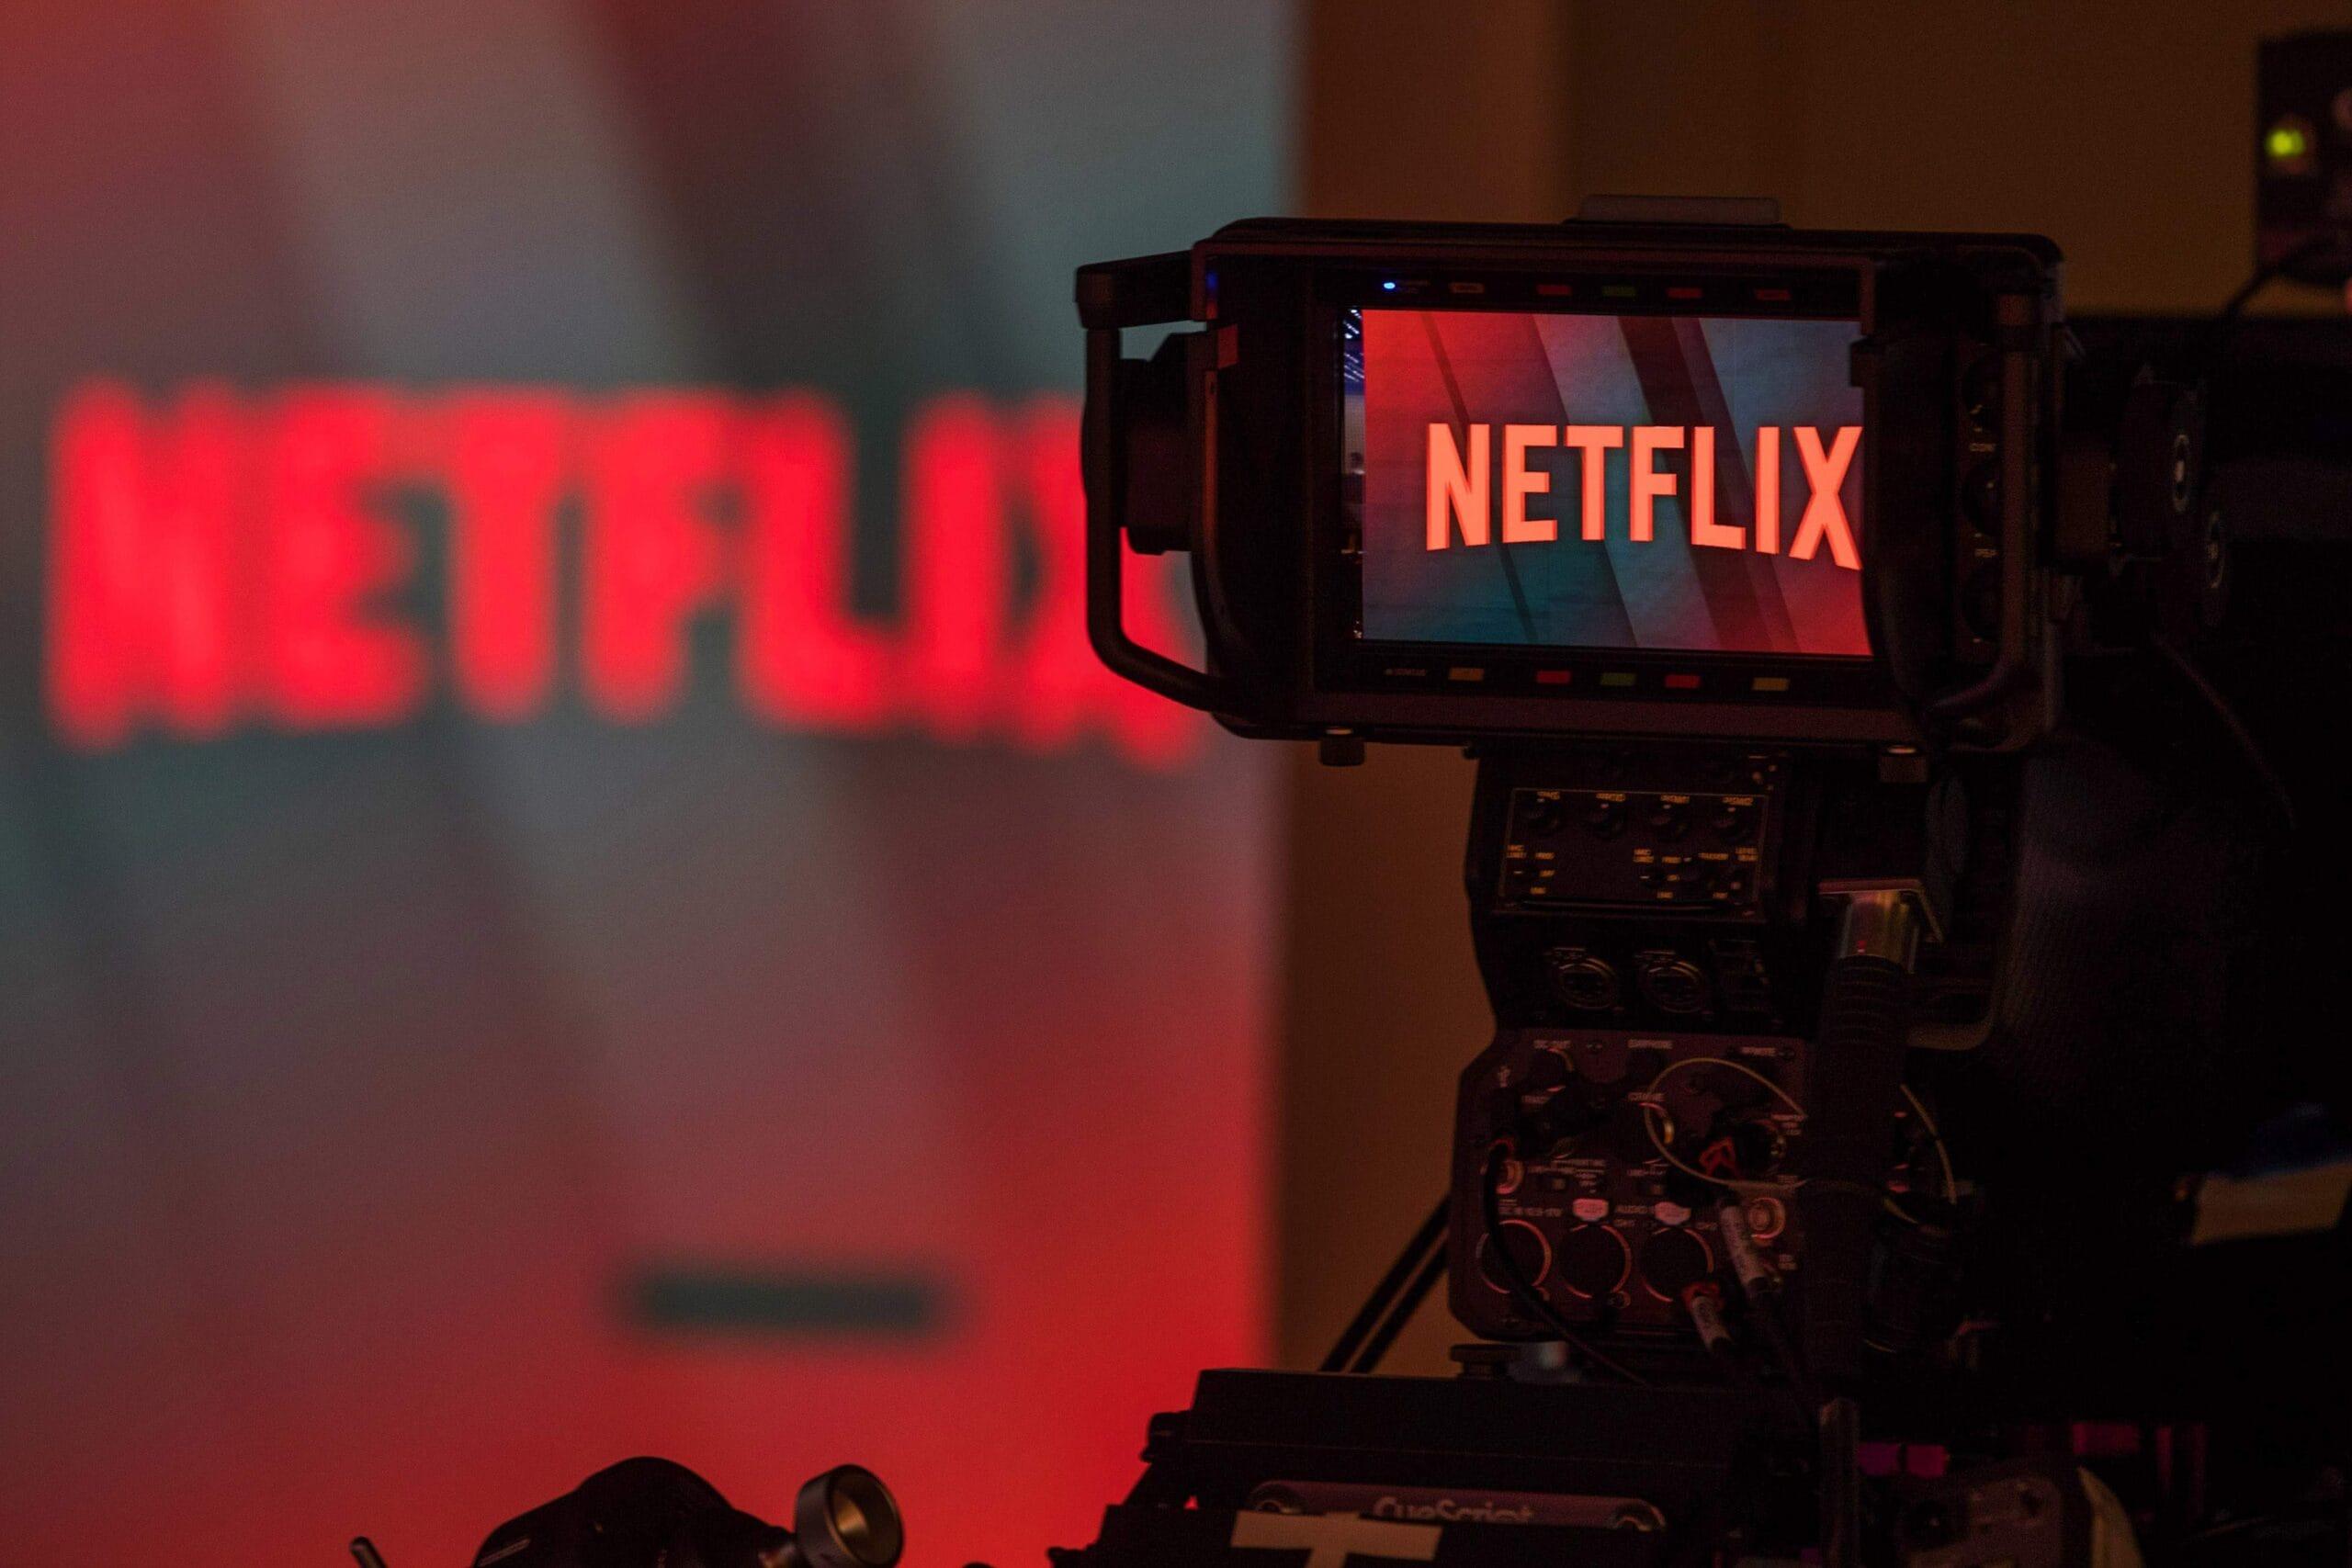 Netflix - перспективная компания для долгосрочного инвестирования